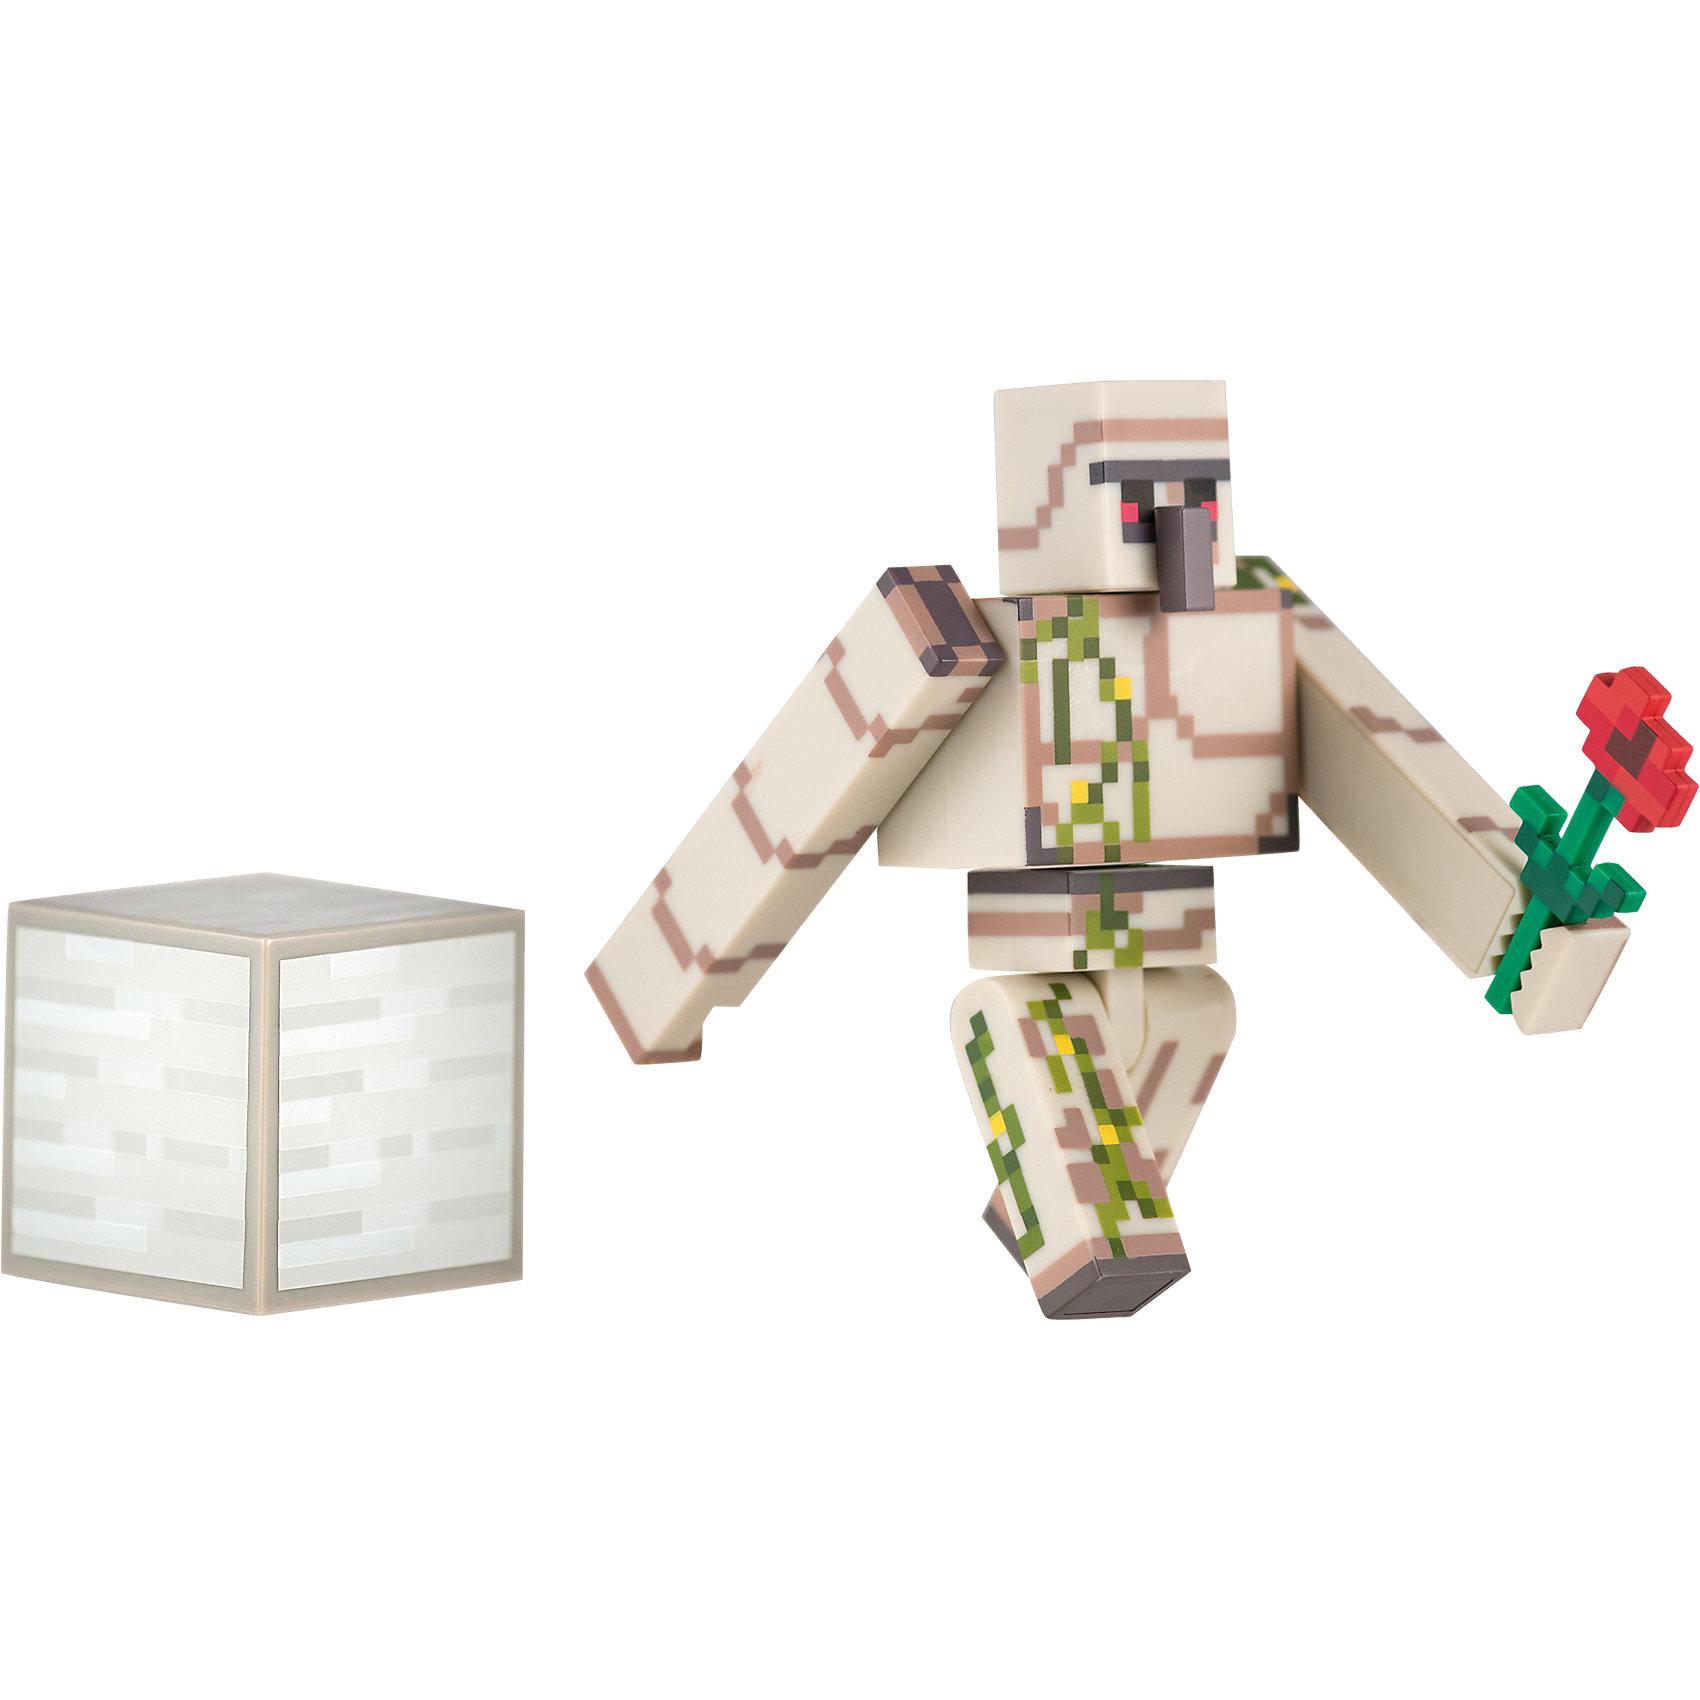 Фигурка Железный голем, 8см, MinecraftКоллекционные и игровые фигурки<br>Фигурка Железный голем, 8см, Minecraft (Майнкрафт) – это игровой набор, выполненный по мотивам культовой игры Майнкрафт.<br>Фигурка Железный голем является точной копией персонажа из популярной игры Minecraft. Все части тела фигурки подвижны, поэтому Голем будет ходить так же, как в игре и защитит от любых неприятностей. В руке он держит алую розу, дополнительно предусмотрен кубик. Железный Голем – это отличный подарок для всех поклонников Minecraft. Пластиковый герой украсит рабочее место или книжку полку, отлично подойдет для игры в Minecraft в реальном мире. Если вы хотите, что ребенок меньше сидел за компьютером, подарите ему фигурку Железного голема.<br><br>Дополнительная информация:<br><br>- В комплекте: фигурка железного голема, пиксельный кубик, цветок<br>- Материал: высококачественный пластик<br>- Размер: 8 см.<br>- Размер упаковки: 18 x 16 x 3 см.<br><br>Фигурку Железный голем, 8см, Minecraft (Майнкрафт) можно купить в нашем интернет-магазине.<br><br>Ширина мм: 178<br>Глубина мм: 147<br>Высота мм: 50<br>Вес г: 101<br>Возраст от месяцев: 36<br>Возраст до месяцев: 96<br>Пол: Мужской<br>Возраст: Детский<br>SKU: 4009821